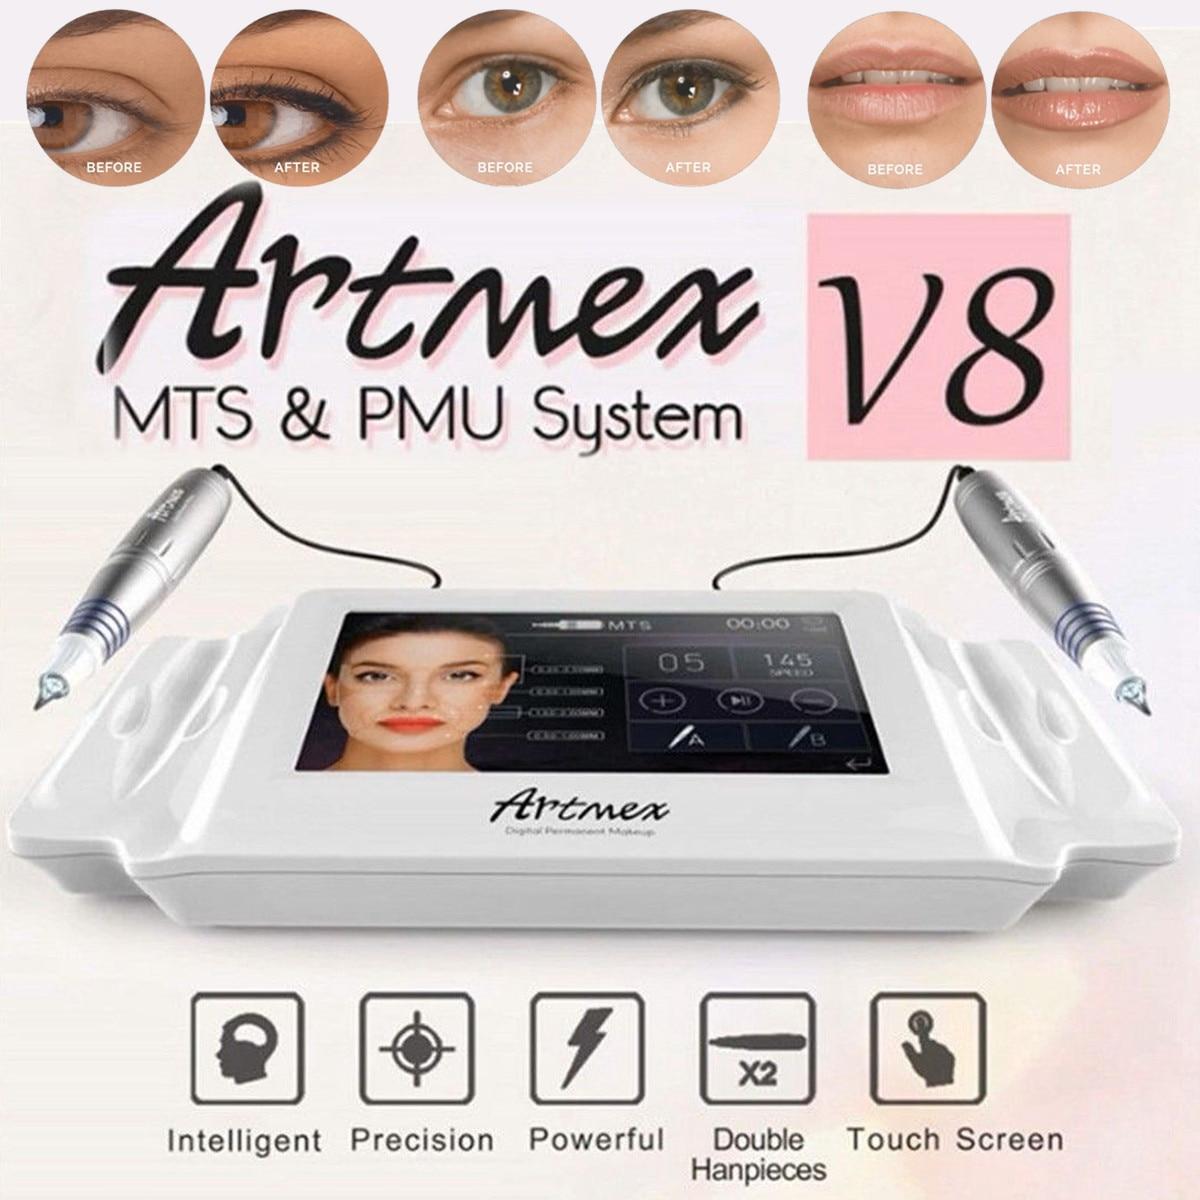 Artmex V8 maquillage permanent dermographe Sourcils Eyeliner Lèvres MTS Pistolets De Tatouage Du Visage Thérapie Anti Vieillissement dermographe s